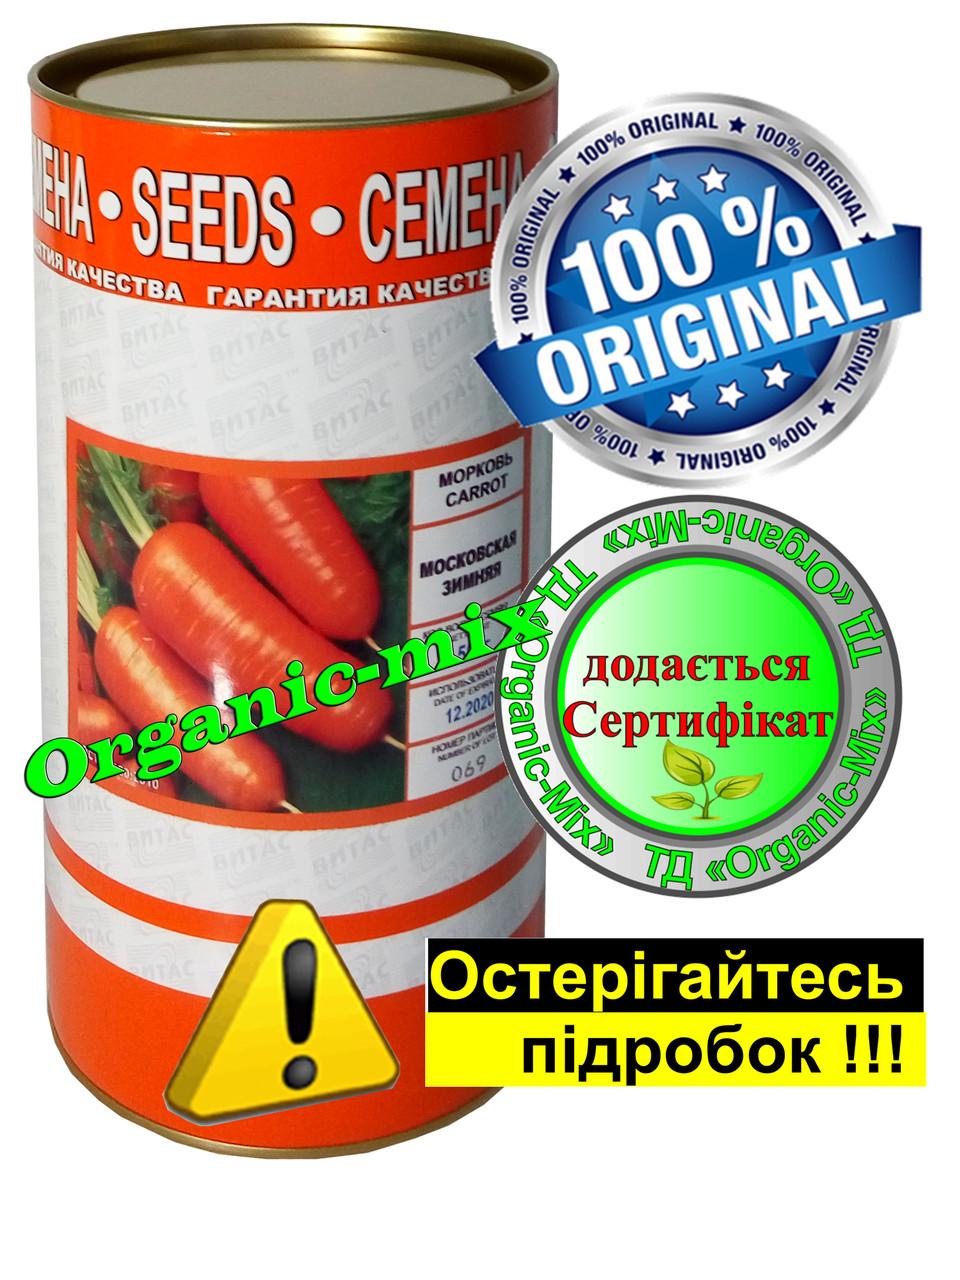 Морковь Московская Зимняя (Россия), 500 грамм банка